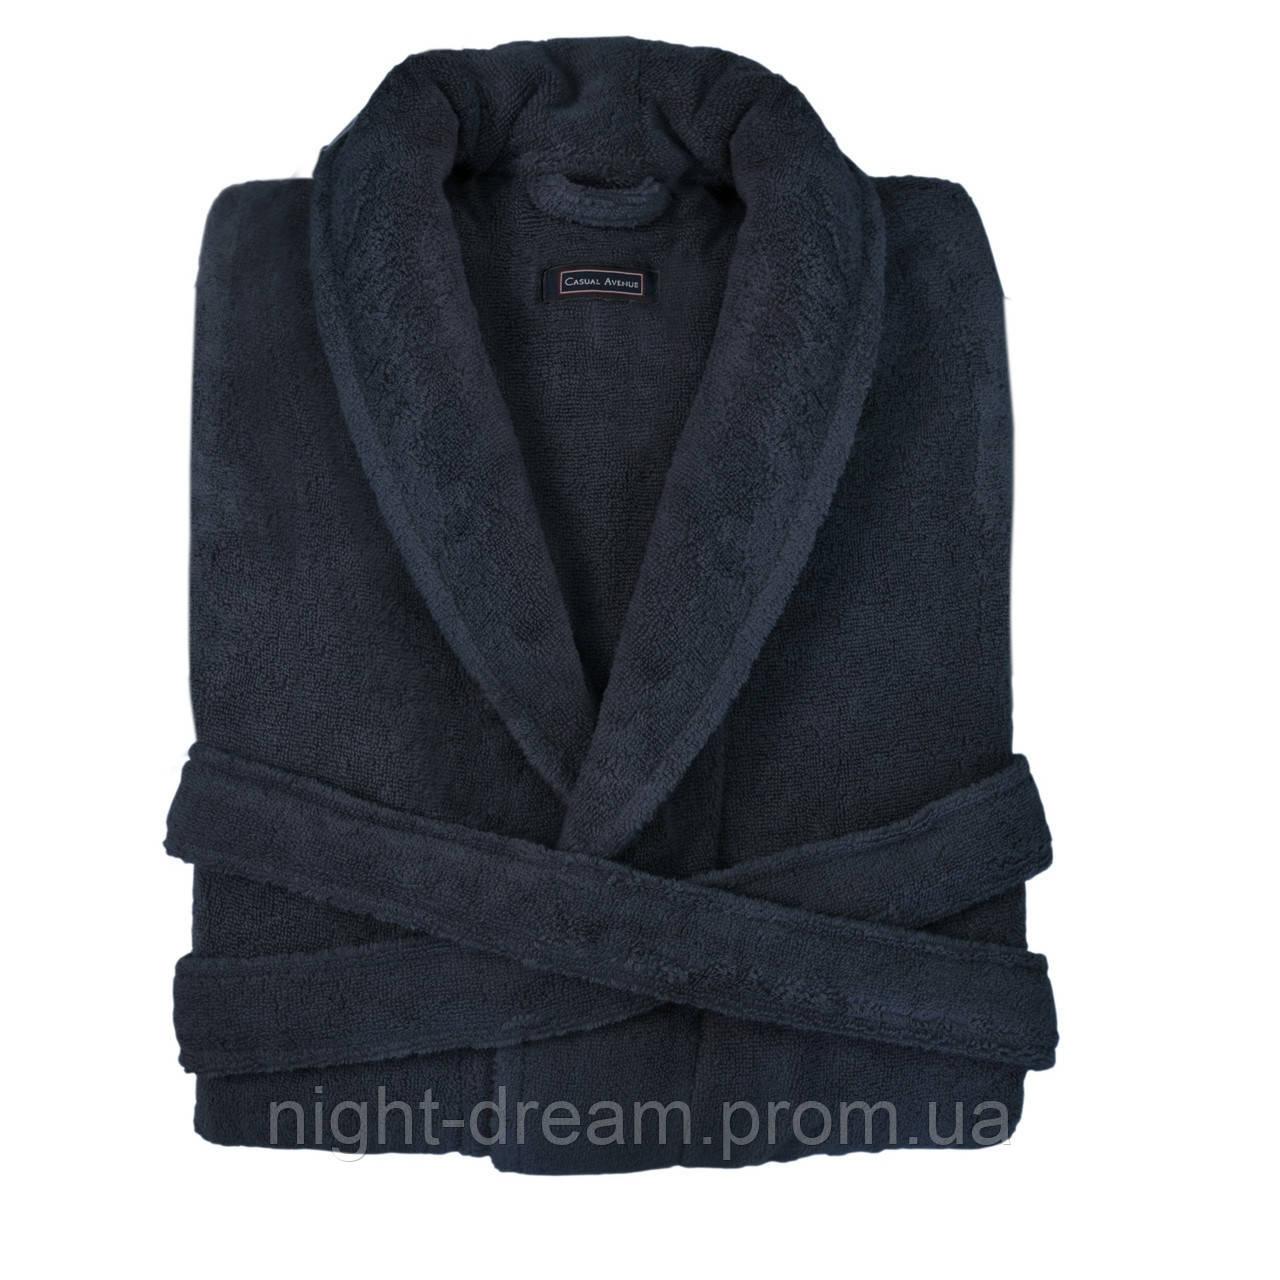 Женский махровый халат CASUAL AVENUE Chicago DEEP BLUE синий размер L